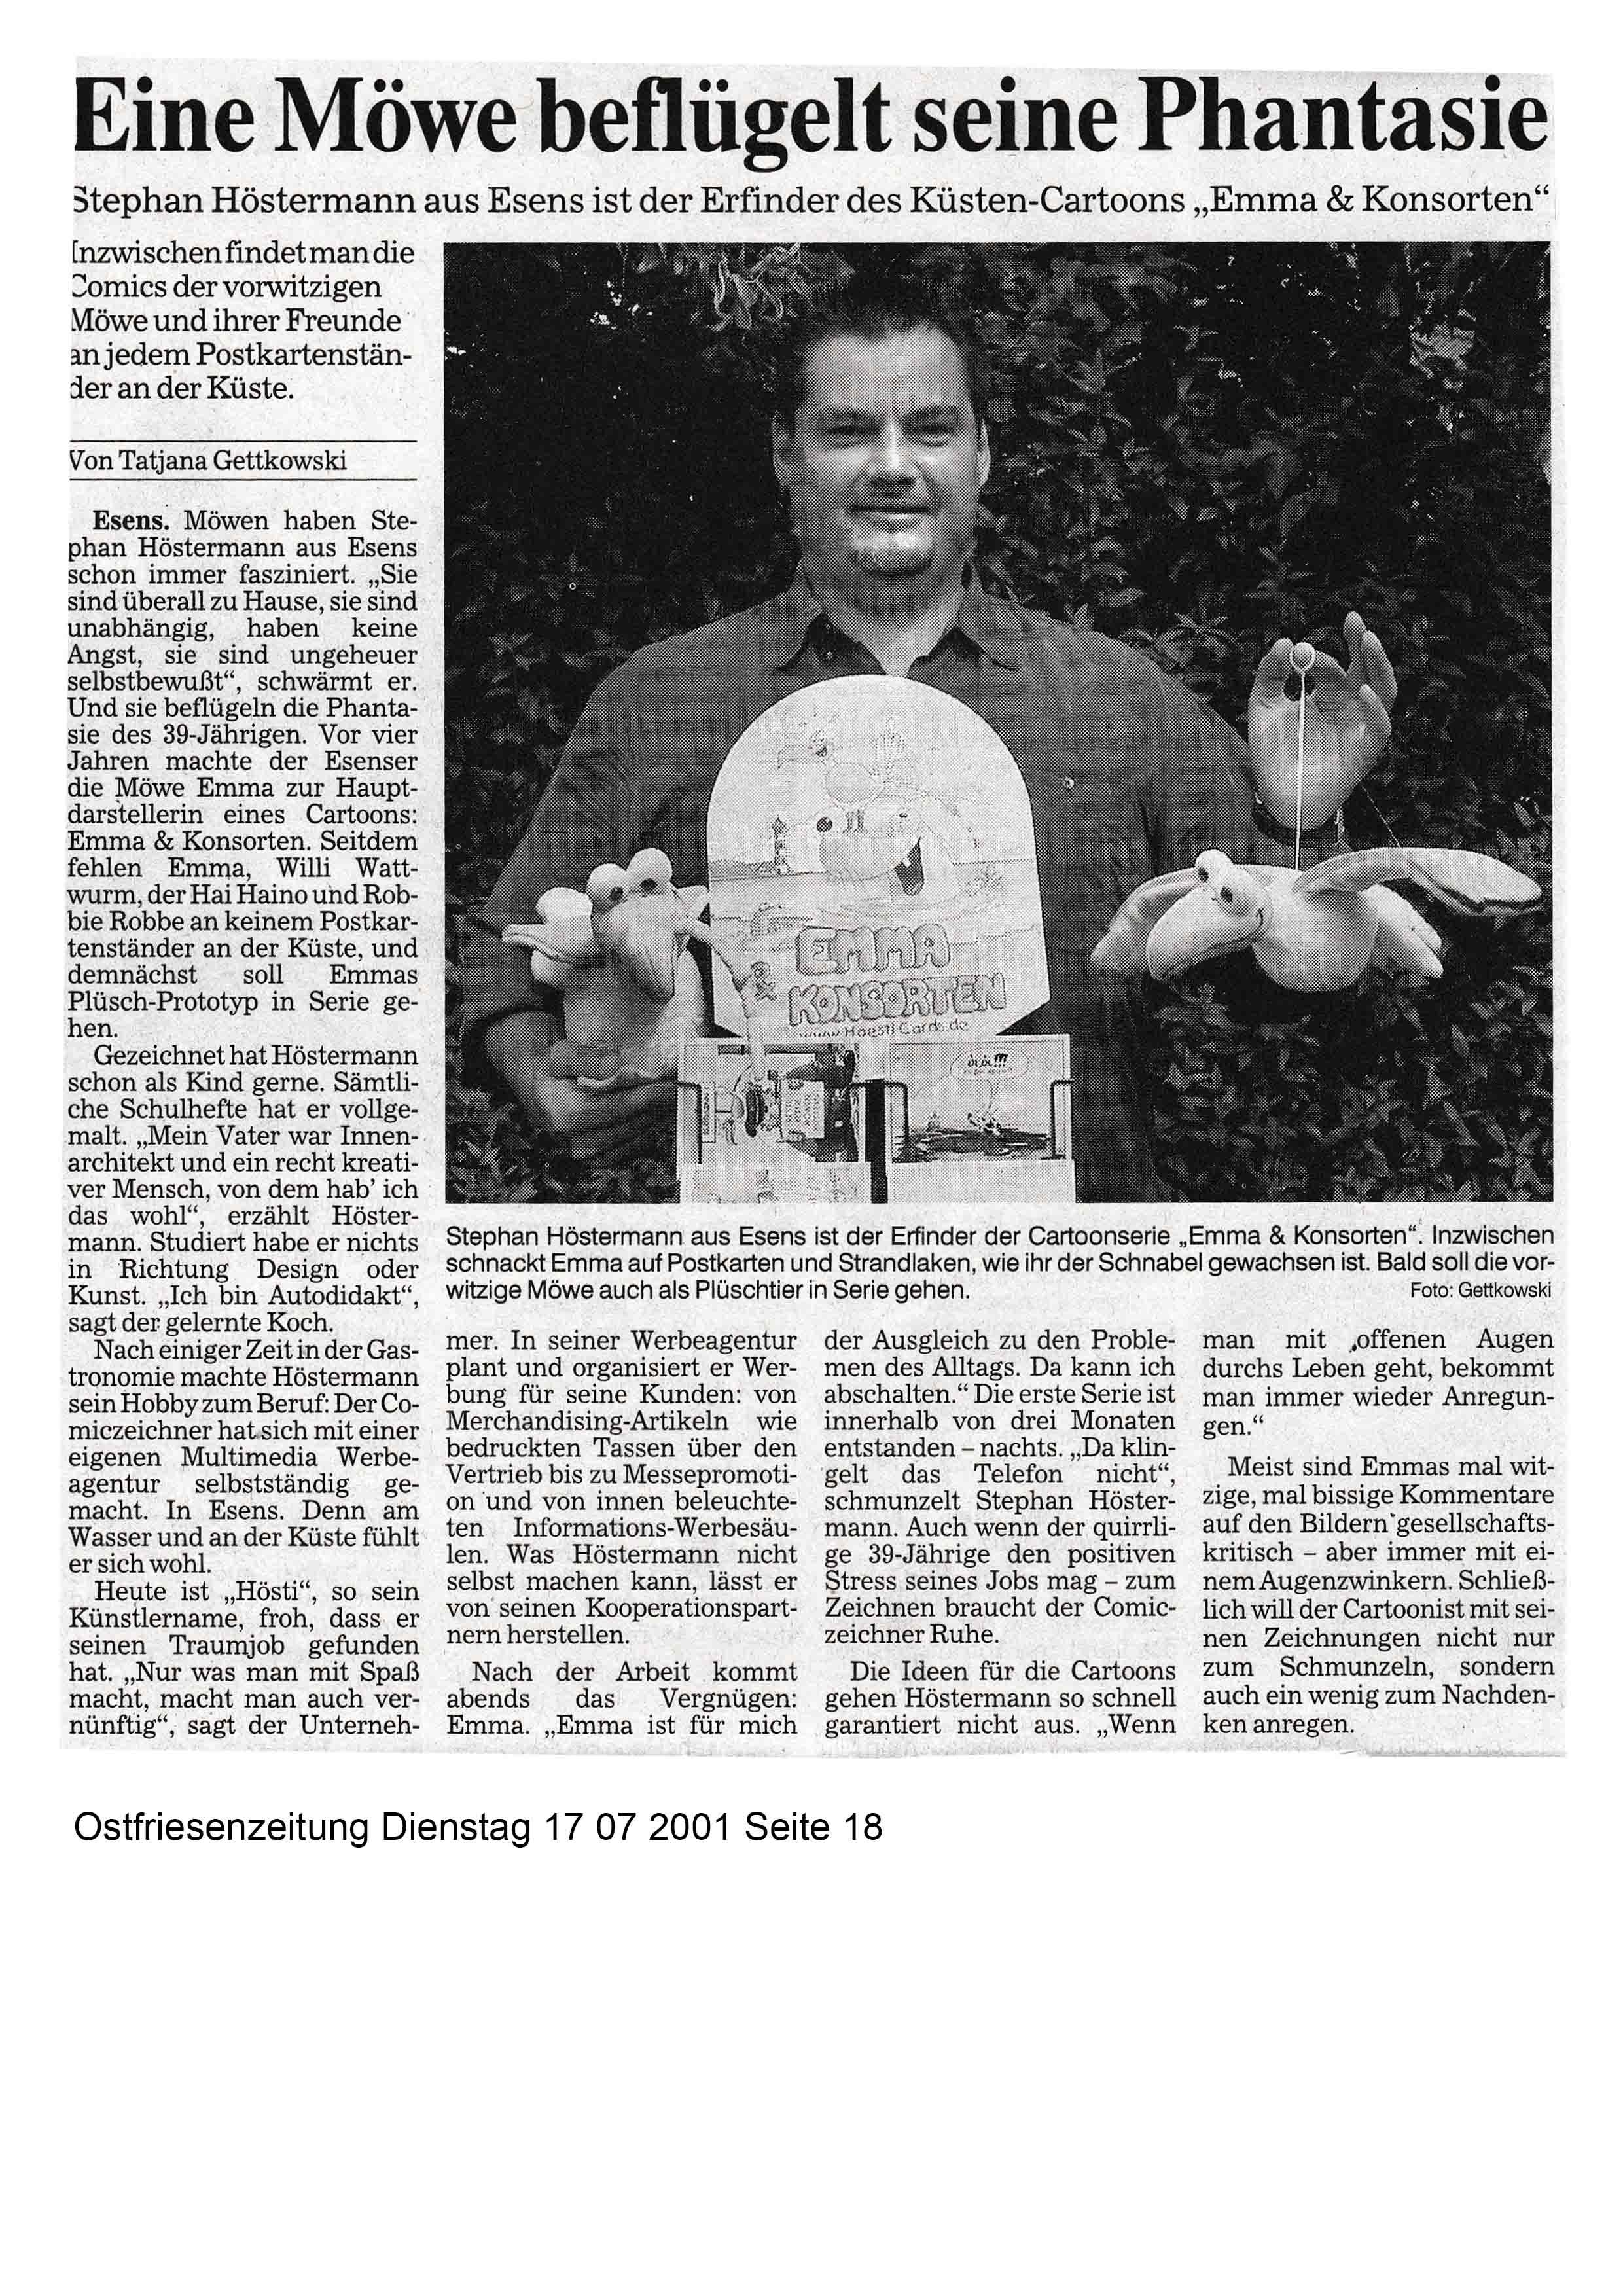 Ostfriesenzeitung Dienstag 17 07 2001 Seite 18